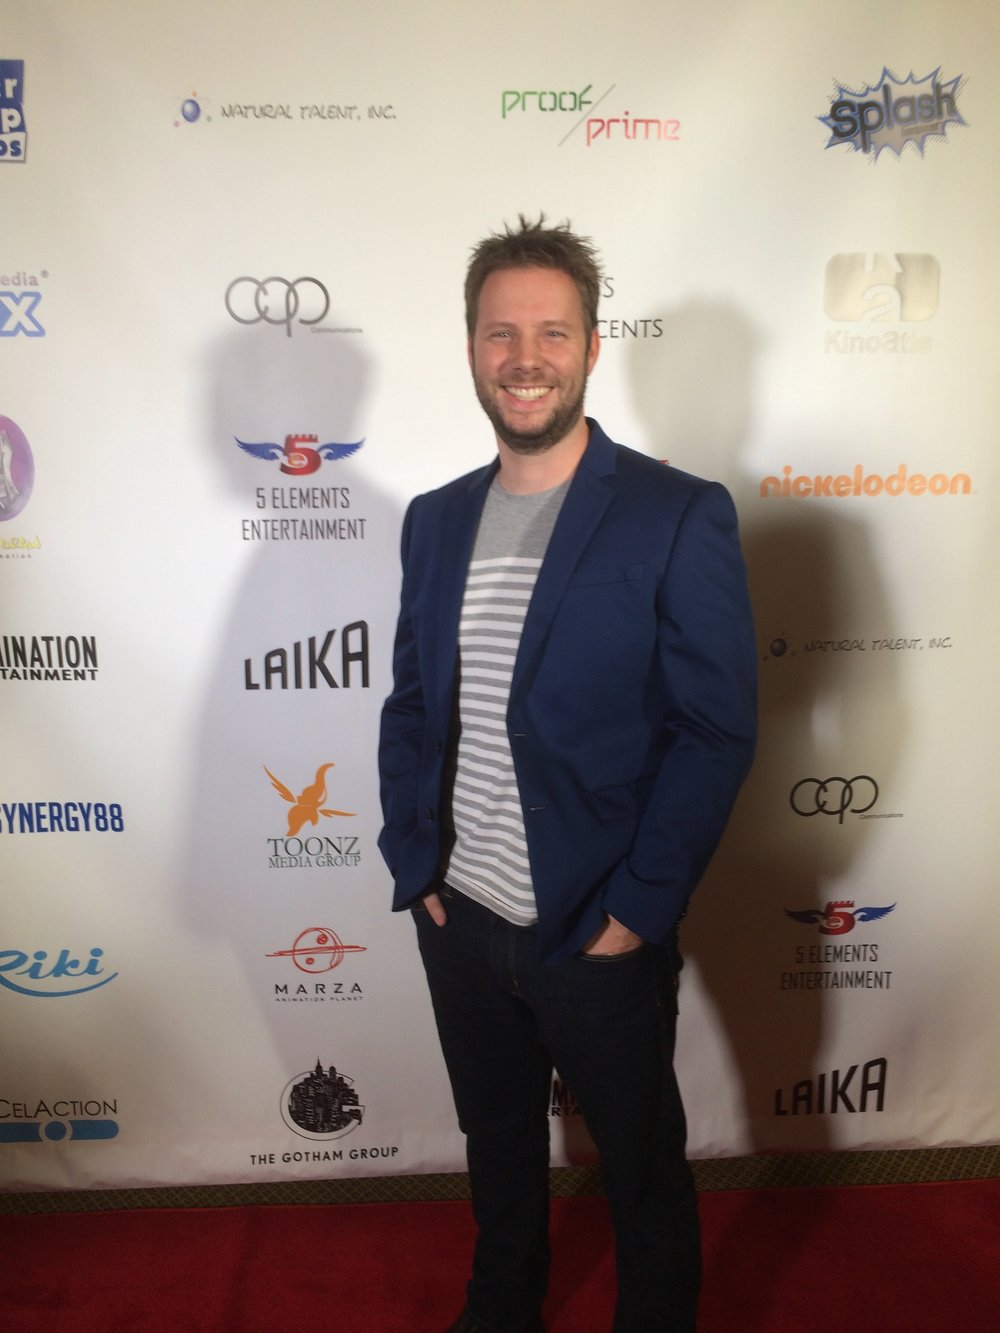 Eric Miller at the Gala